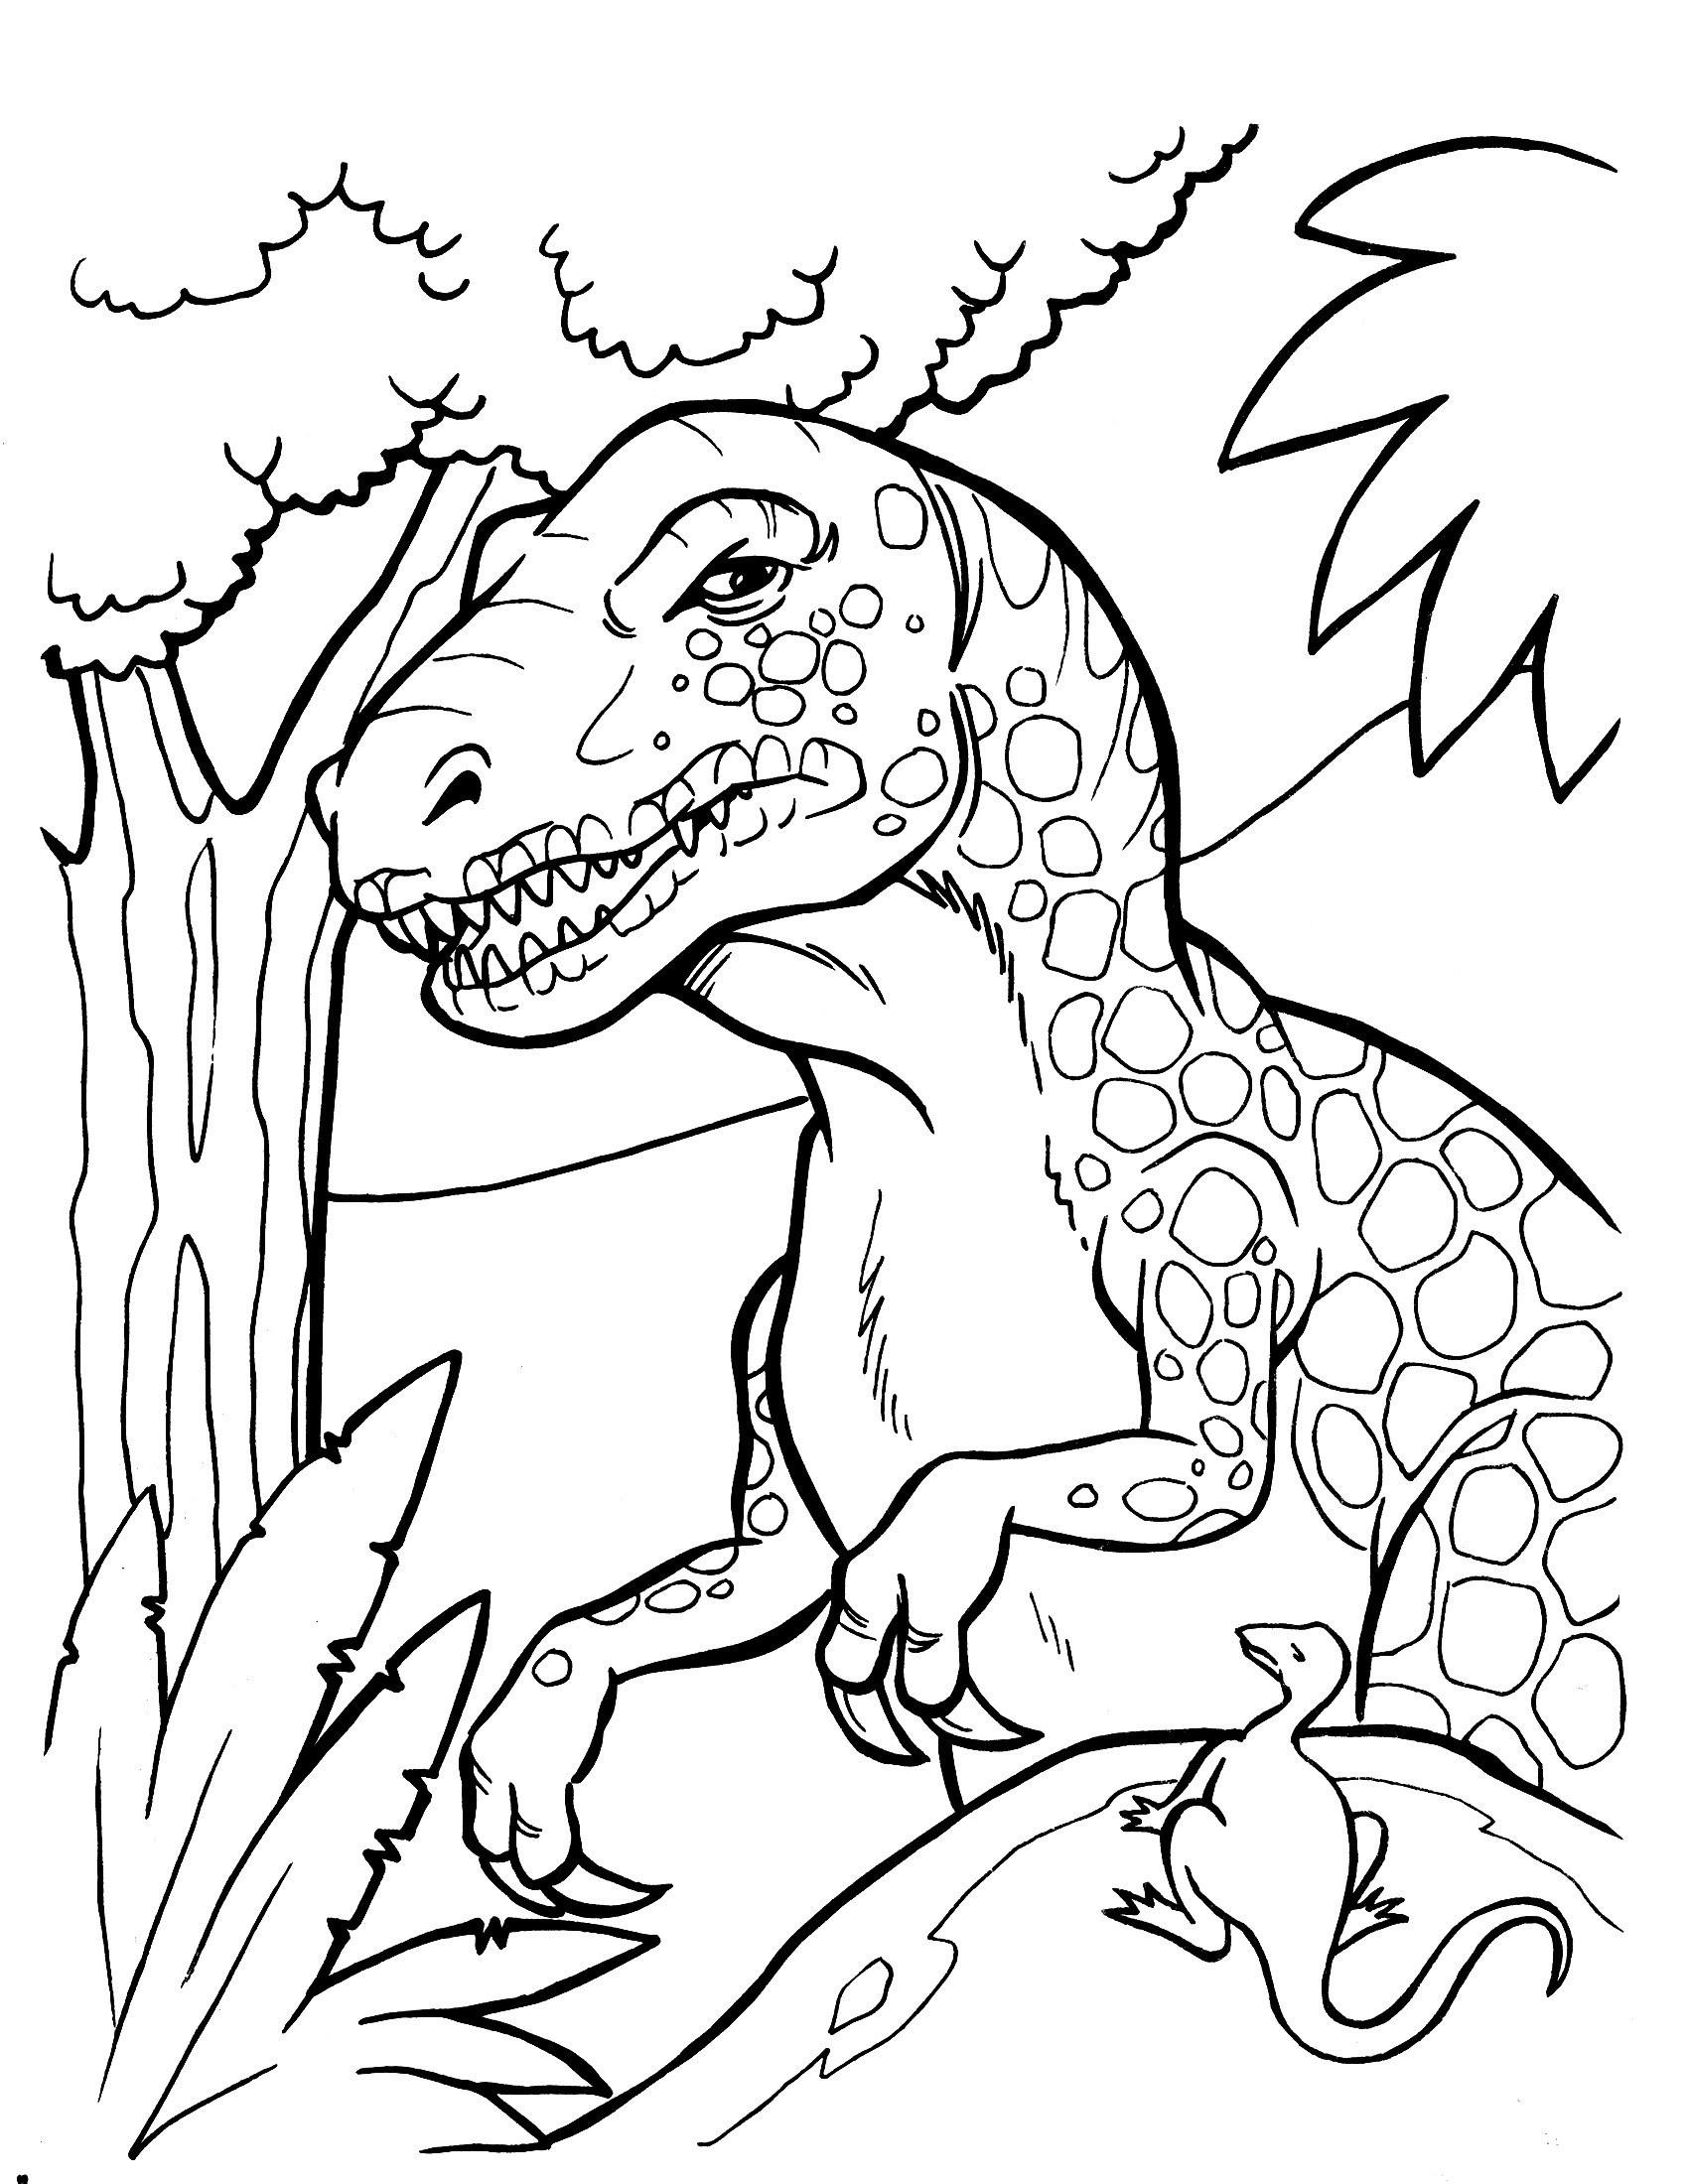 Ausmalbilder Dinosaurier In Einem Land Vor Unserer Zeit Frisch 40 Ausmalbilder Dinosaurier Rex Scoredatscore Schön Ausmalbilder In Stock